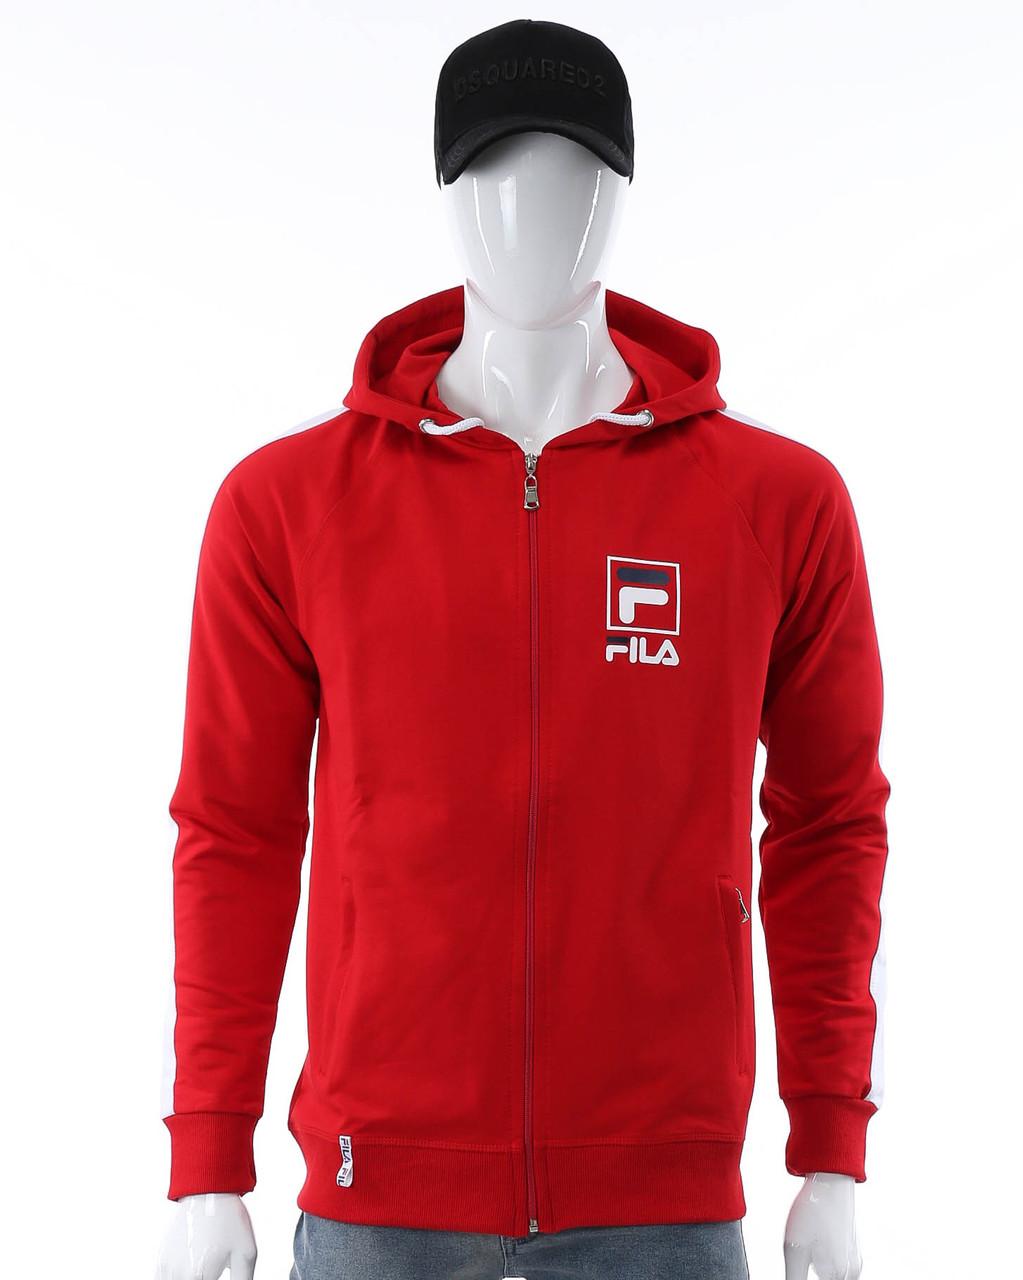 Кофта весна-осень красный/белый FILA с капюш К-203 RED/WHT L(Р) 20-712-002